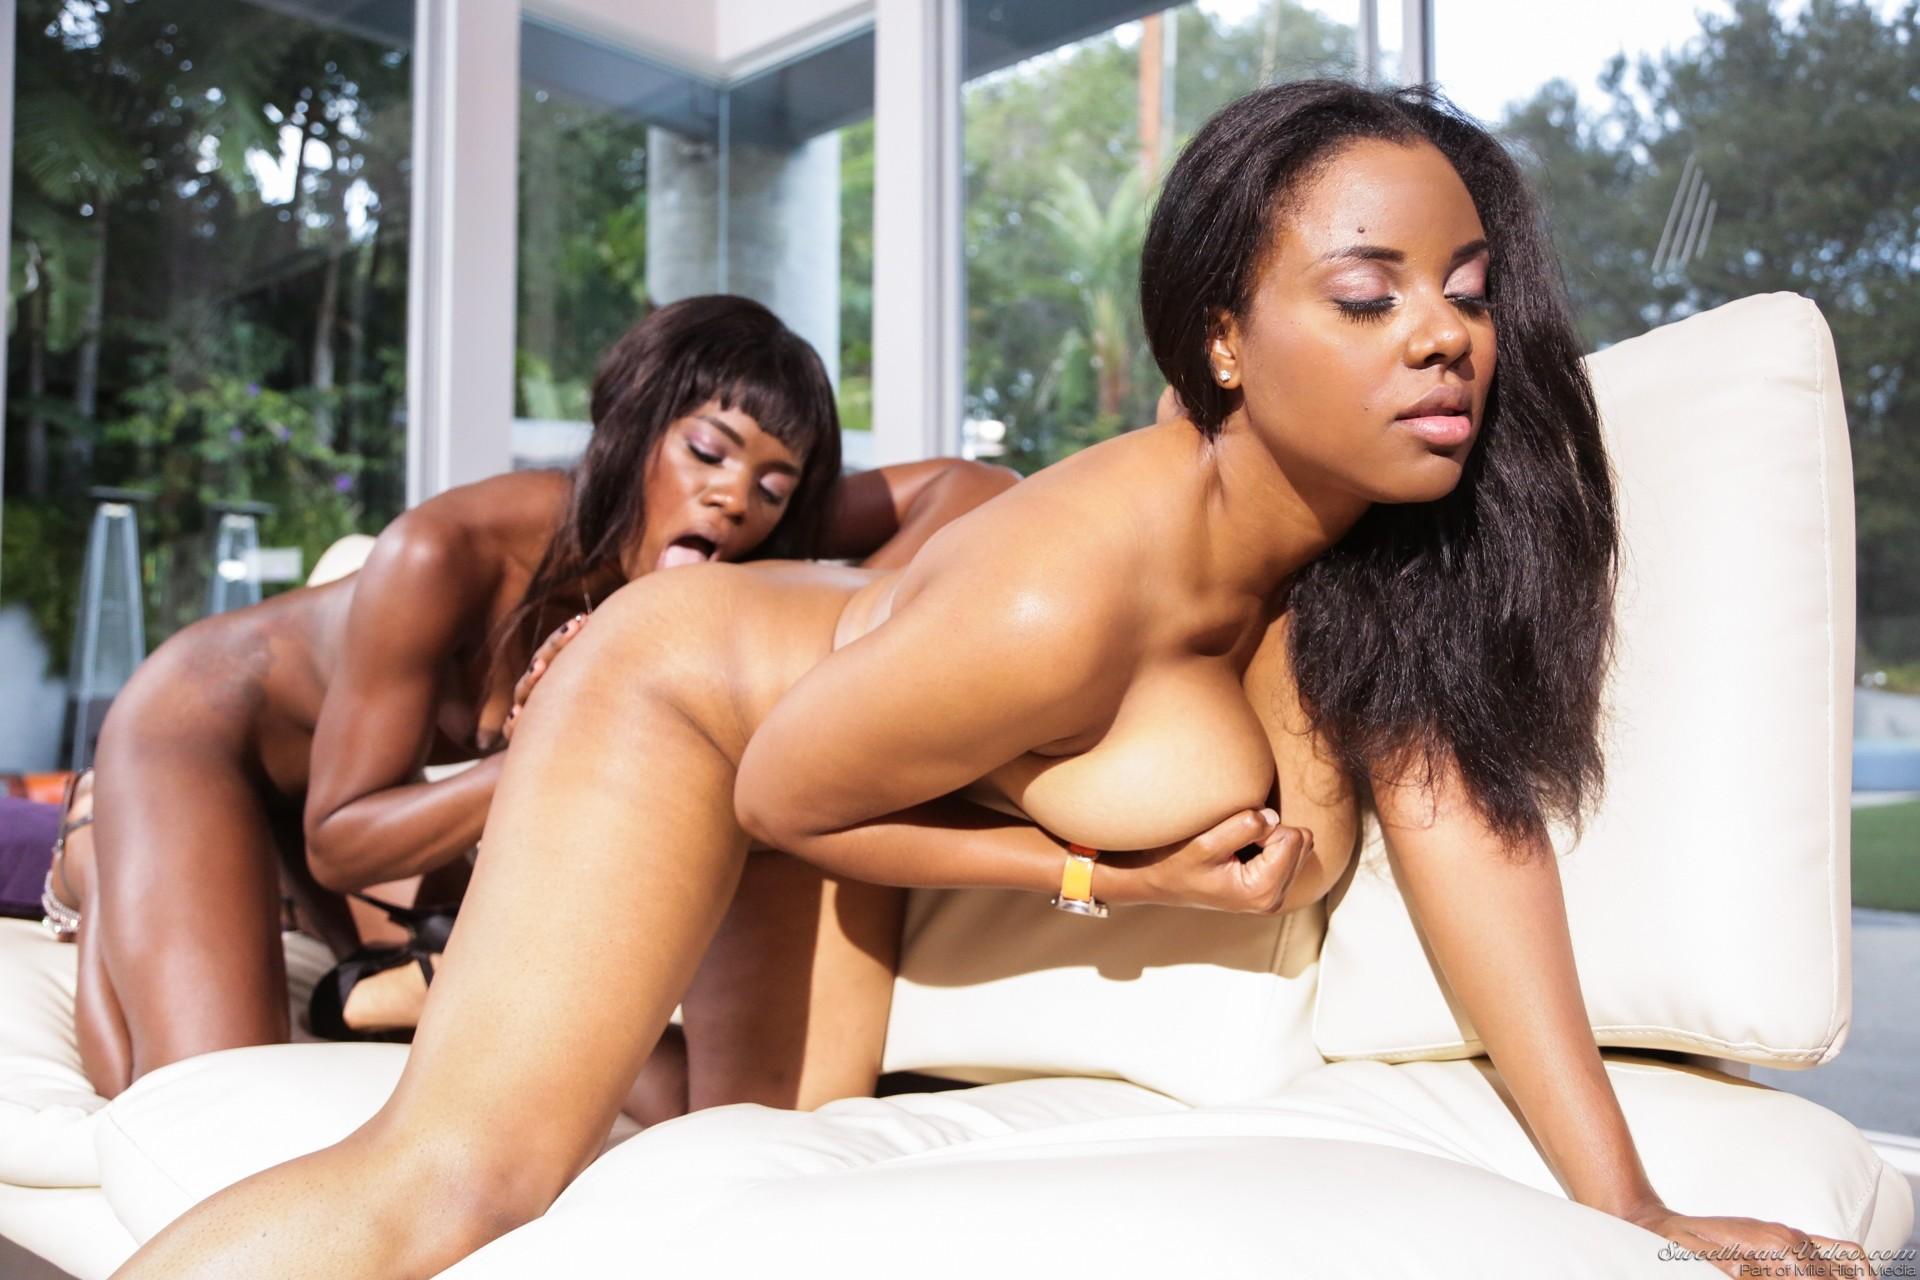 Смотреть порно лесби негритянки, Порно видео онлайн: ЛесбиянкиМулатки 18 фотография